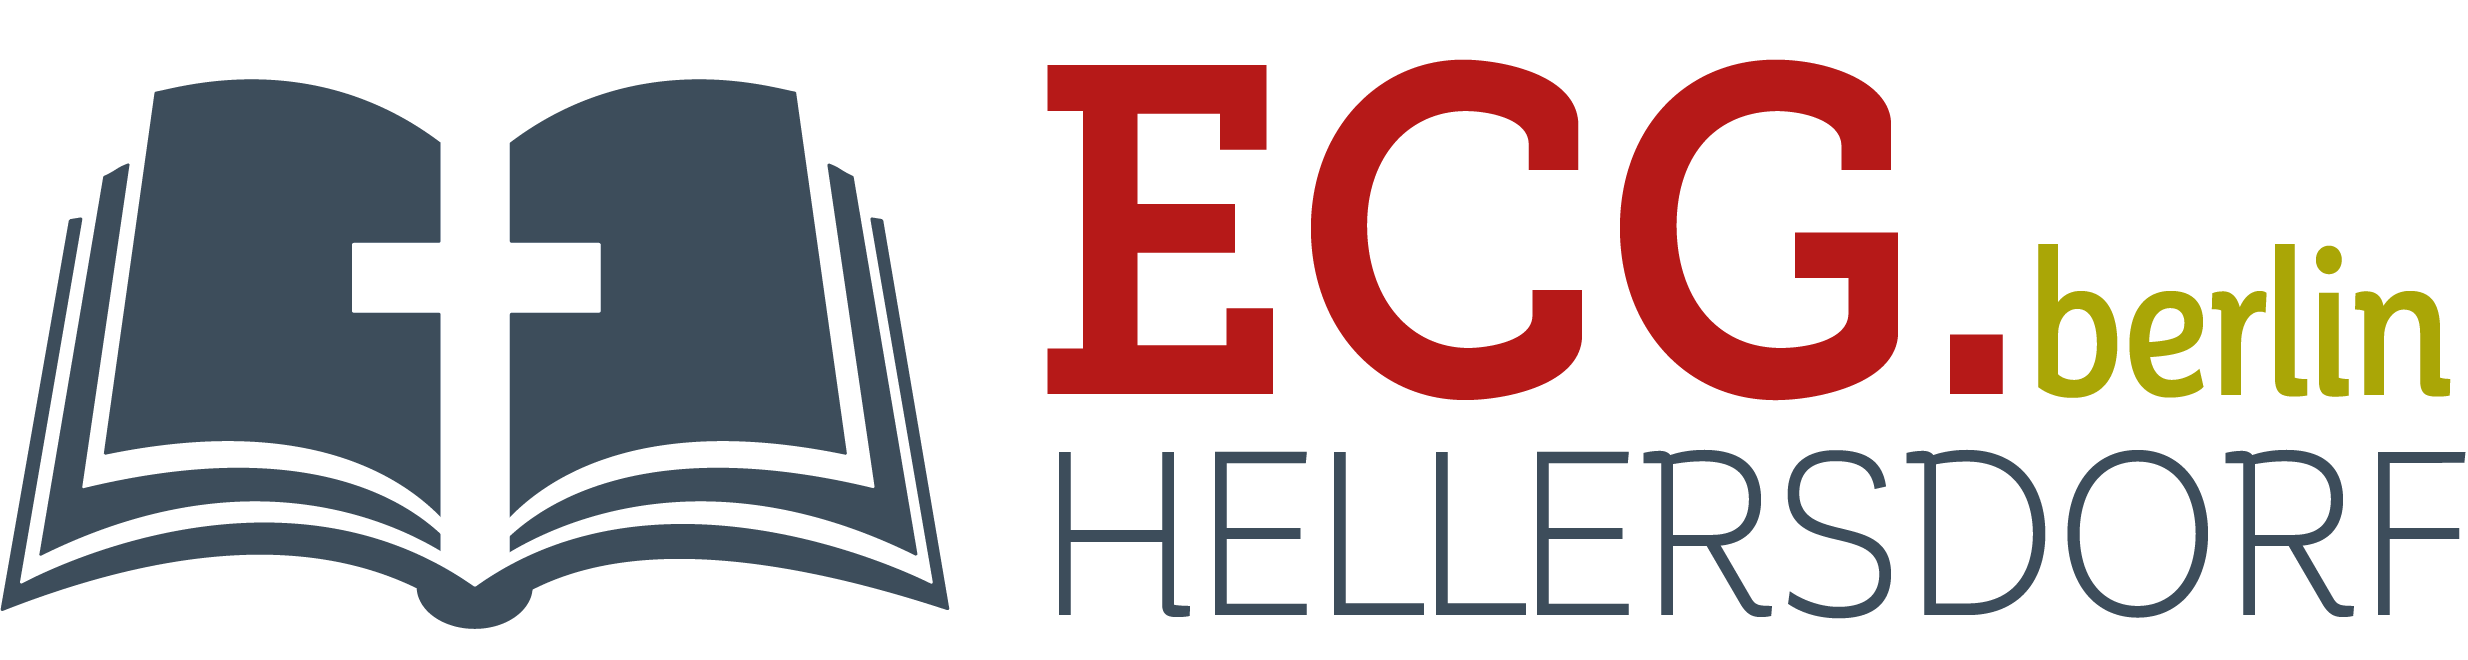 ECG Berlin-Hellersdorf e.V.